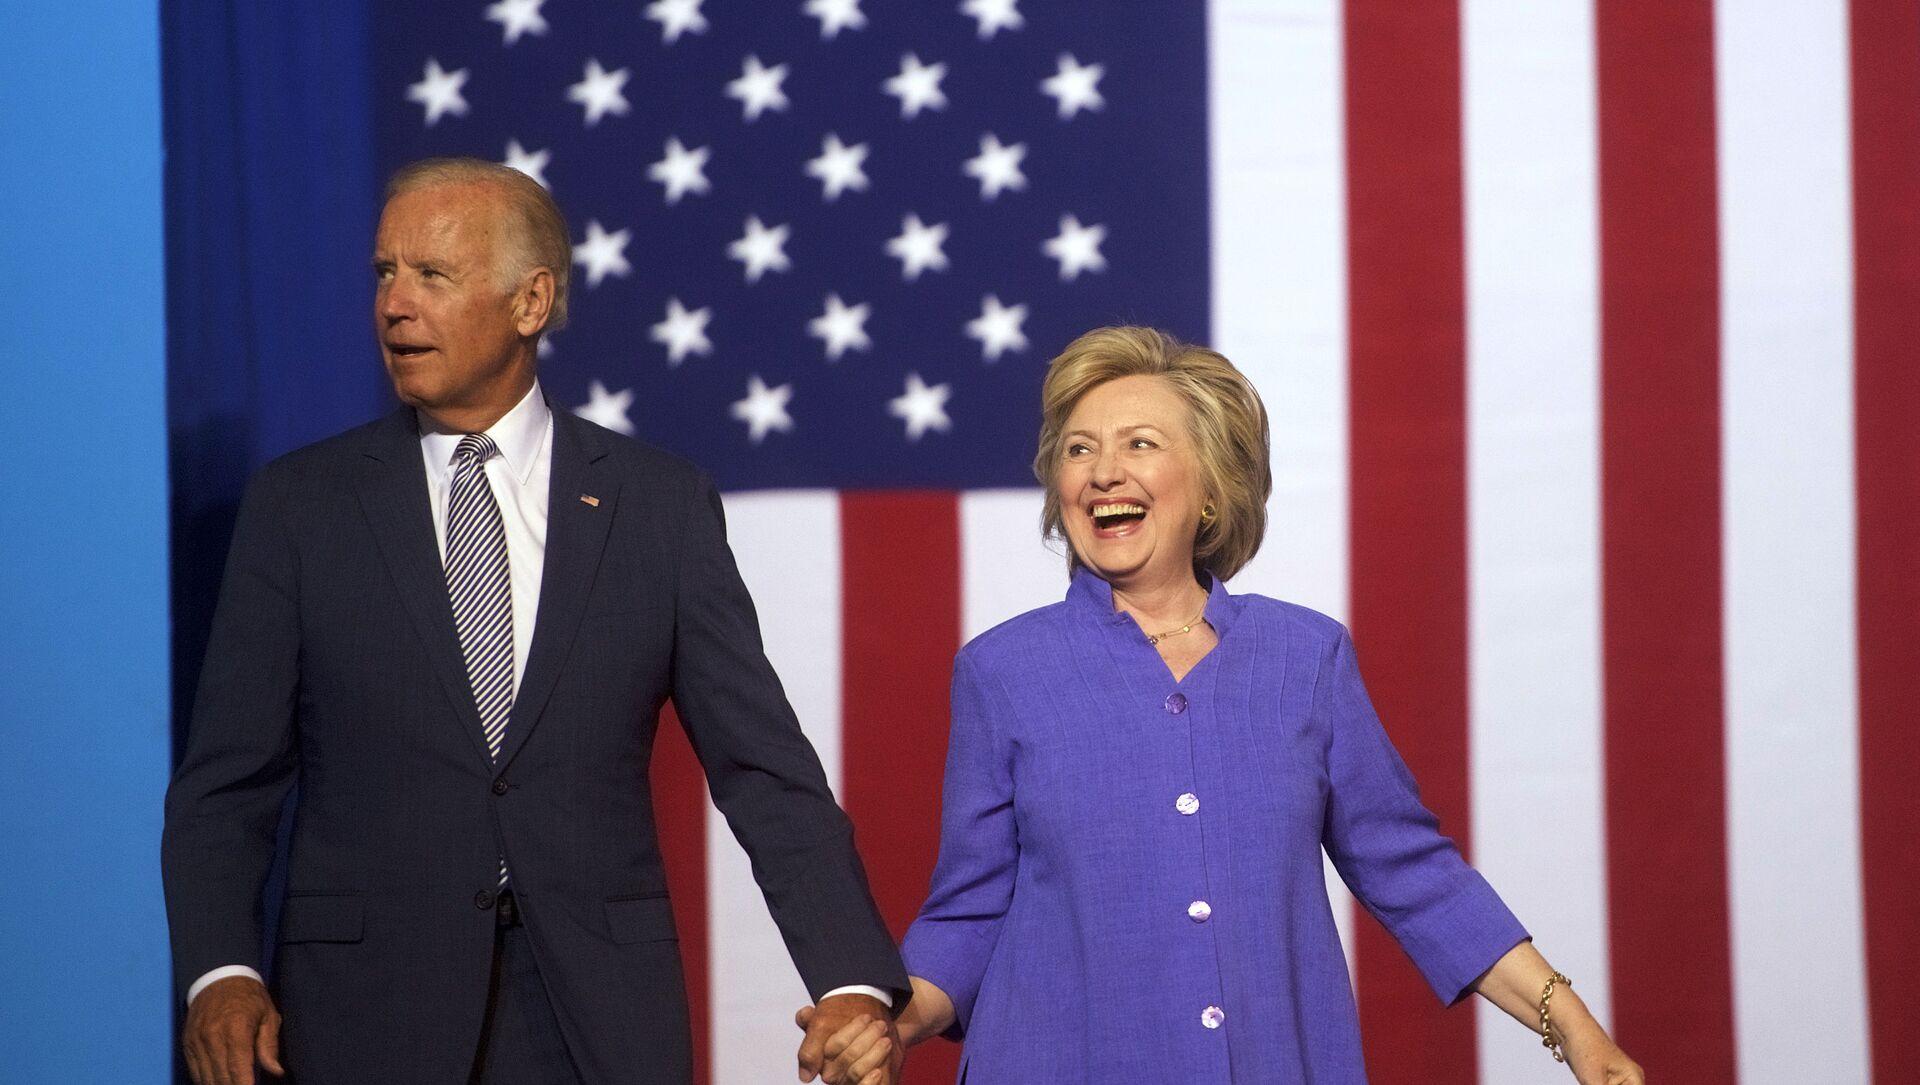 La exsecretaria de Estado de EEUU, Hillary Clinton, junto al exvicepresidente y candidato presidencial Joe Biden - Sputnik Mundo, 1920, 29.04.2020